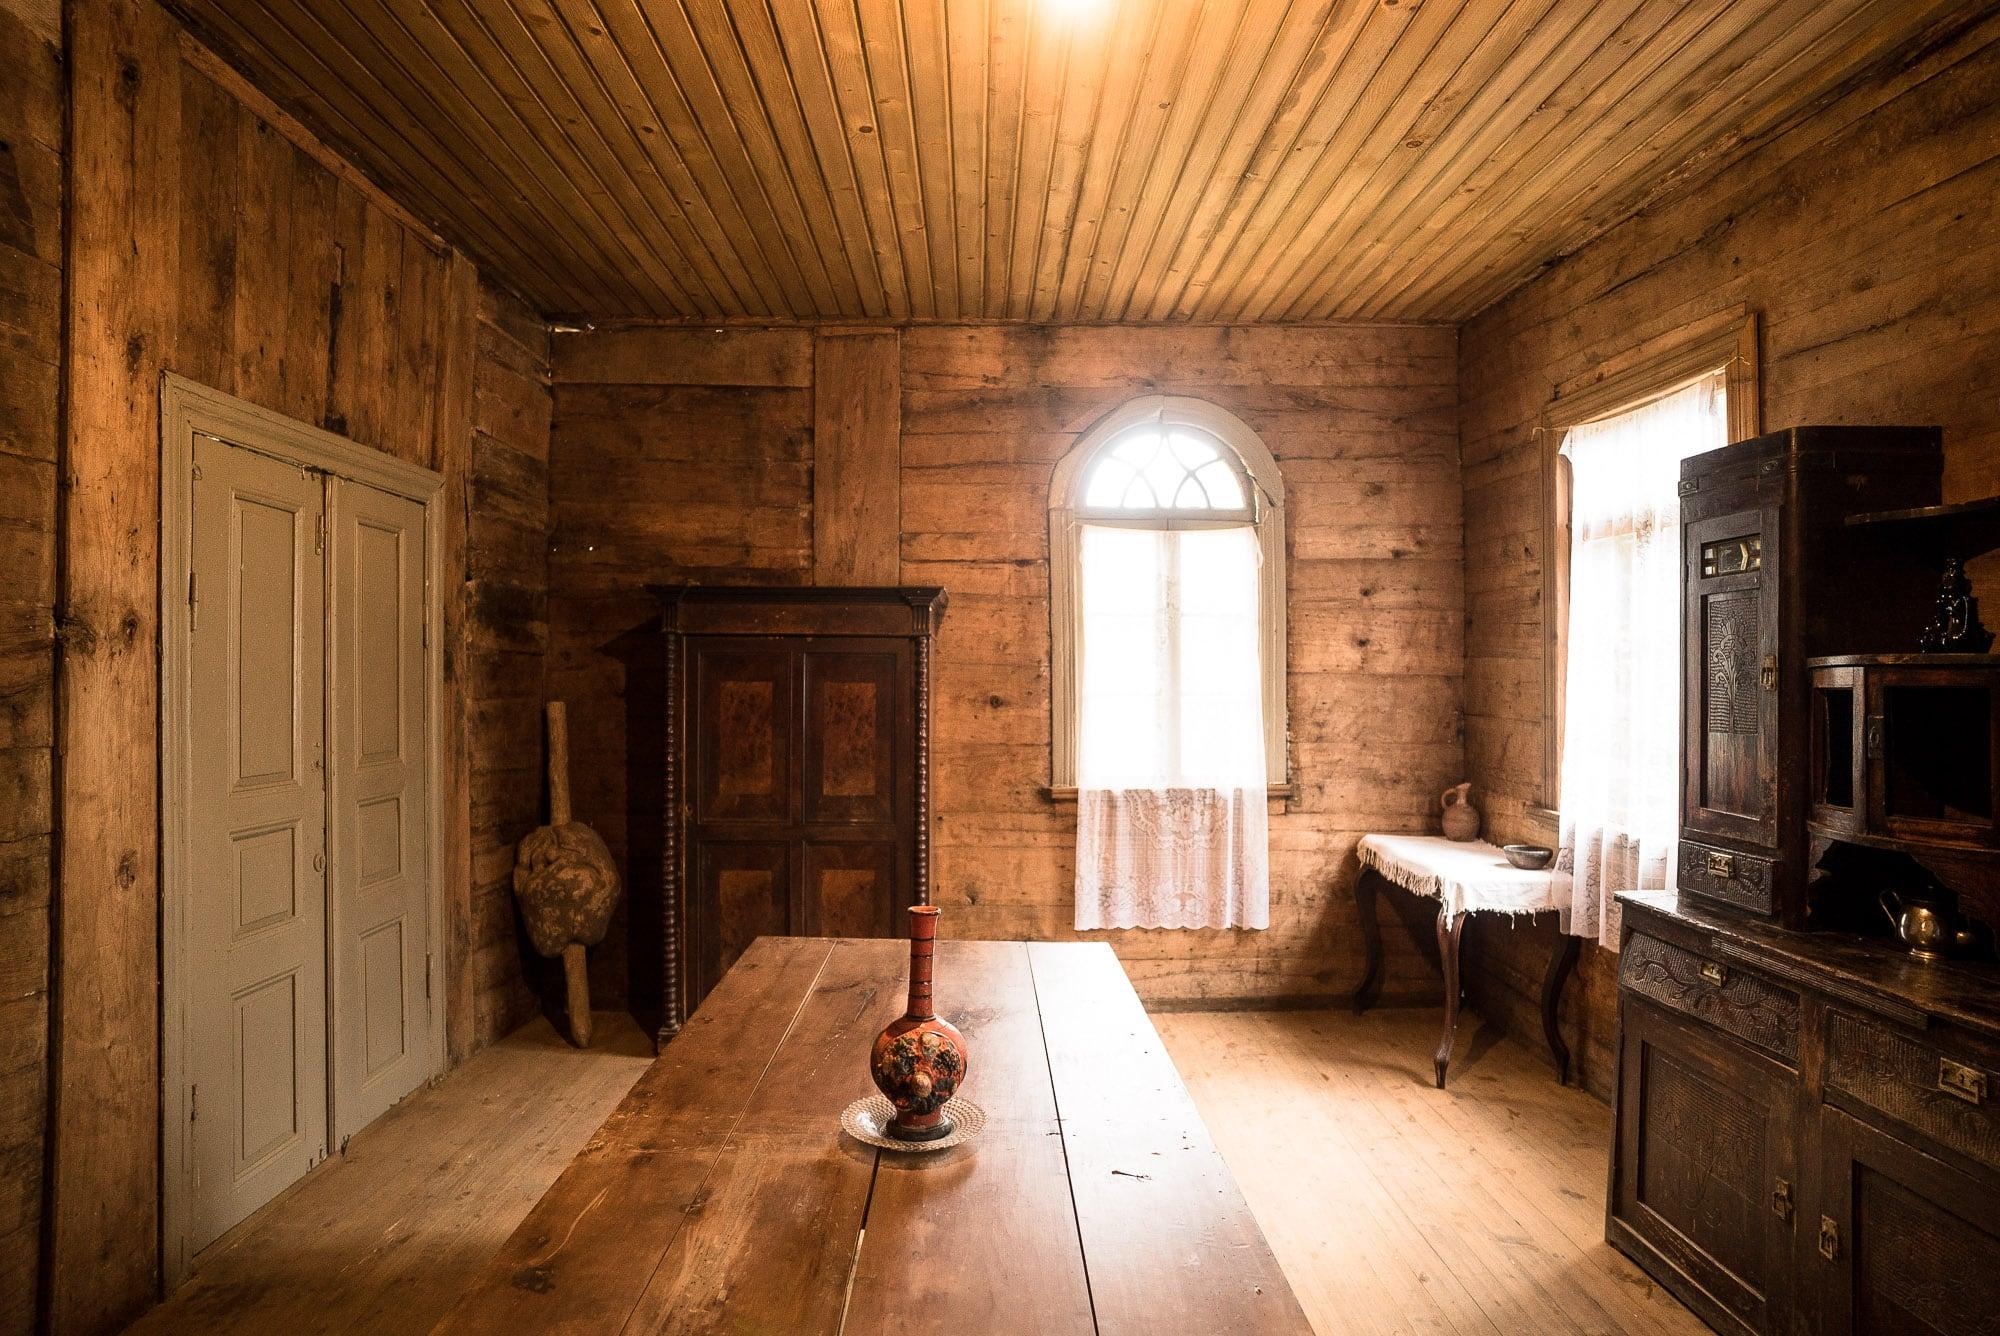 Mayakovsky's house from inside